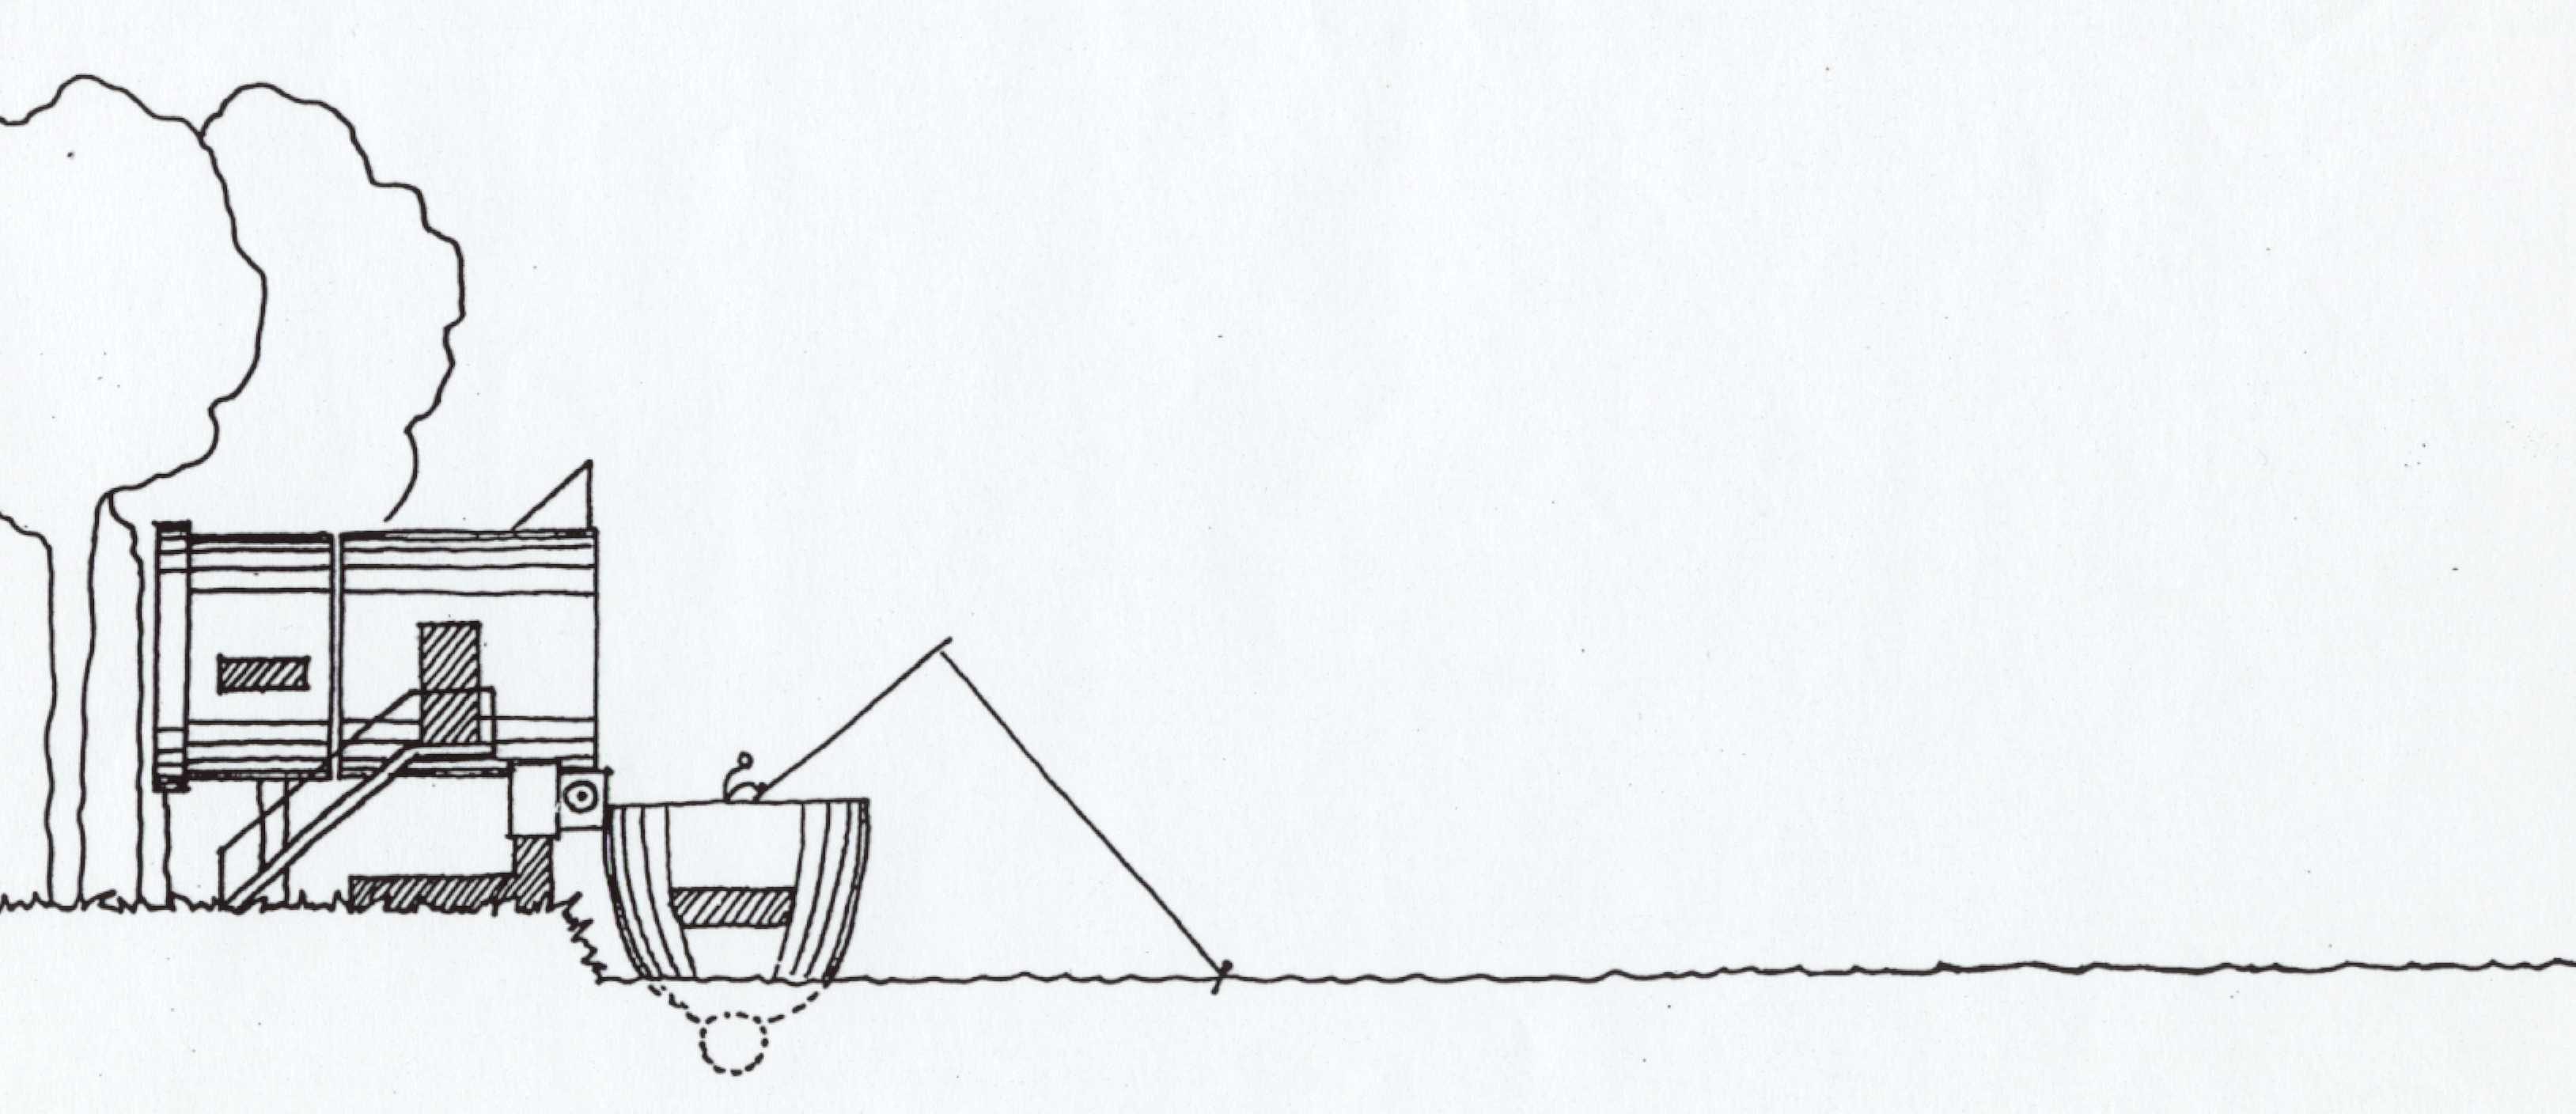 La Cupola sketch